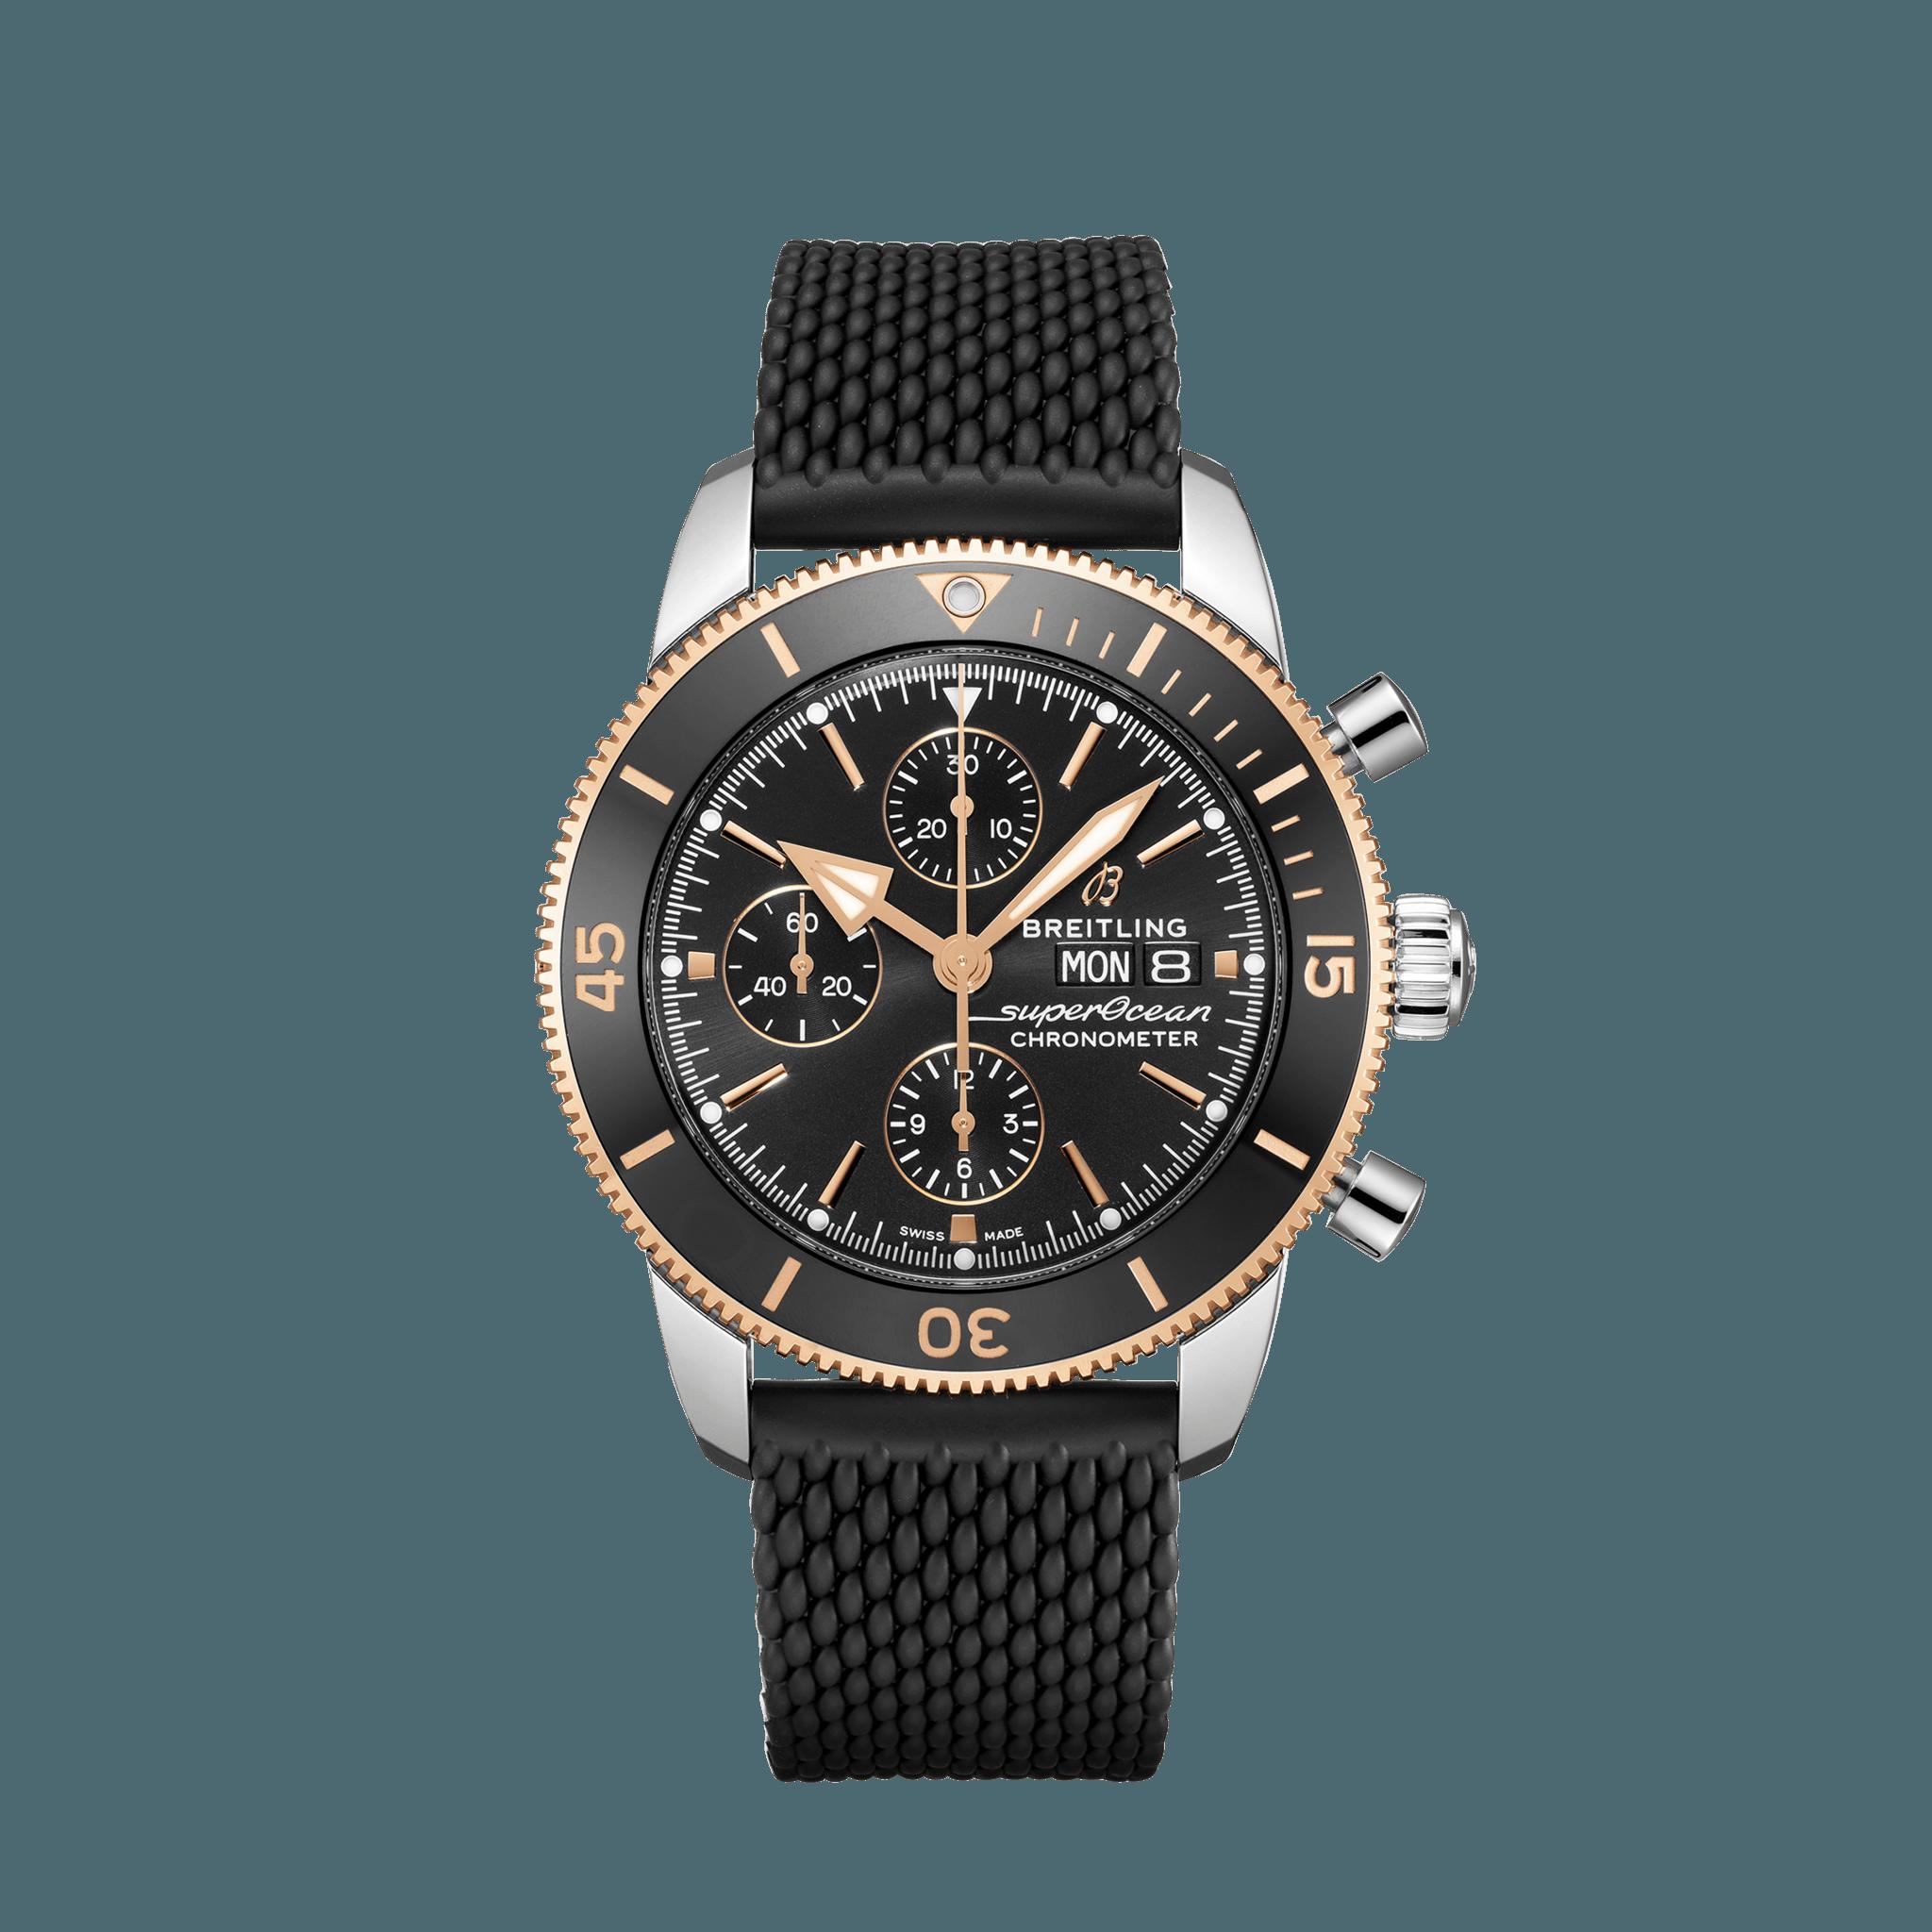 ブライトリング スーパーオーシャン ヘリテージ クロノグラフ 44